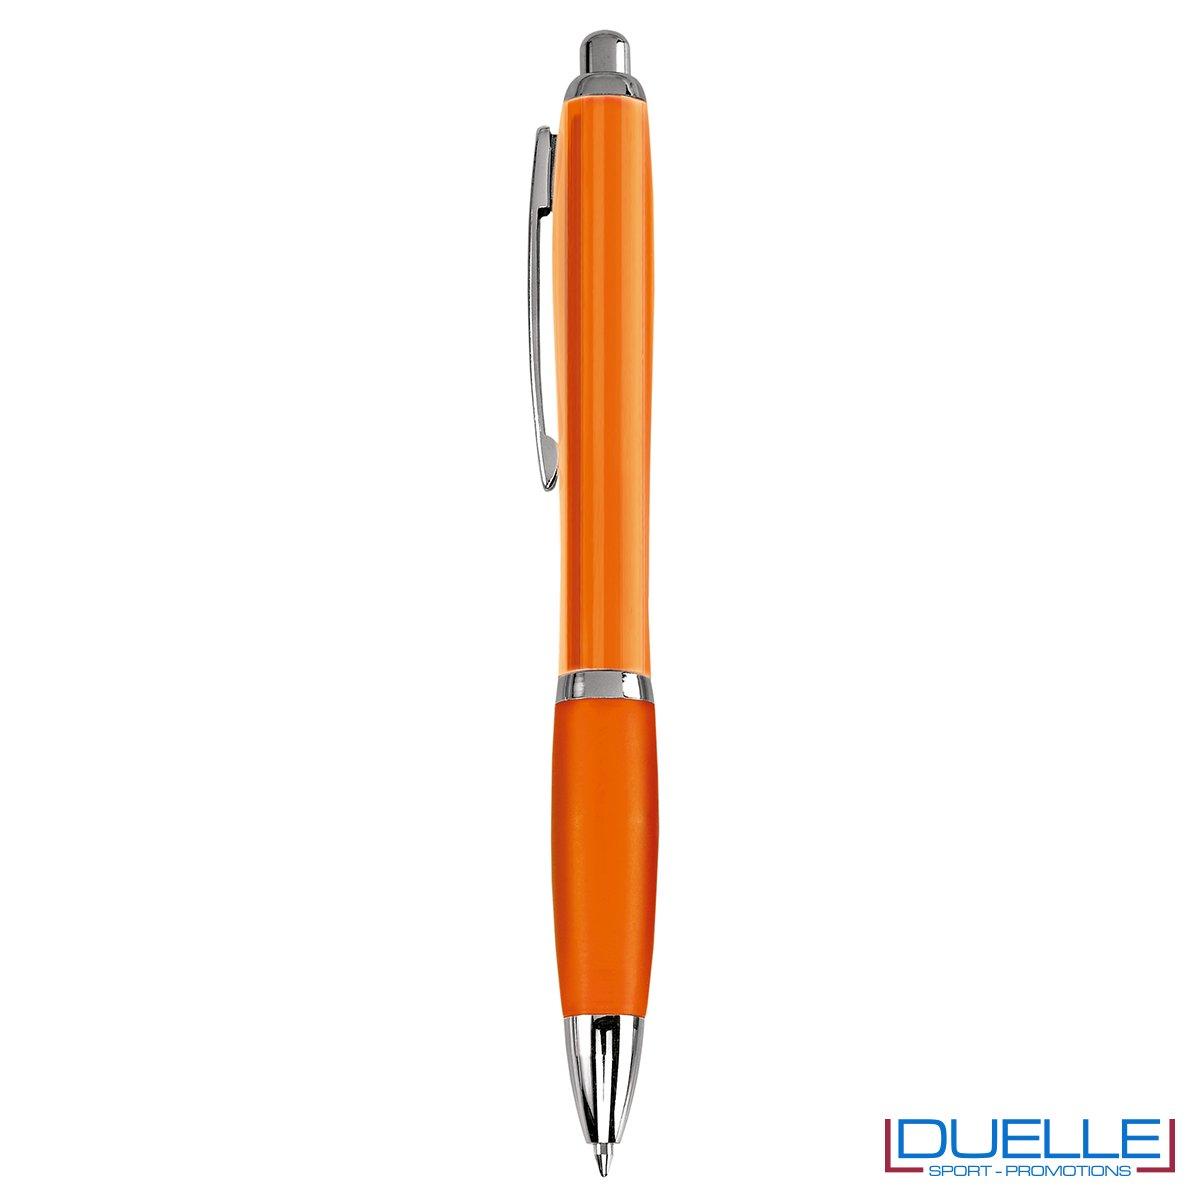 penna personalizzabile economica con fusto trasparente arancione